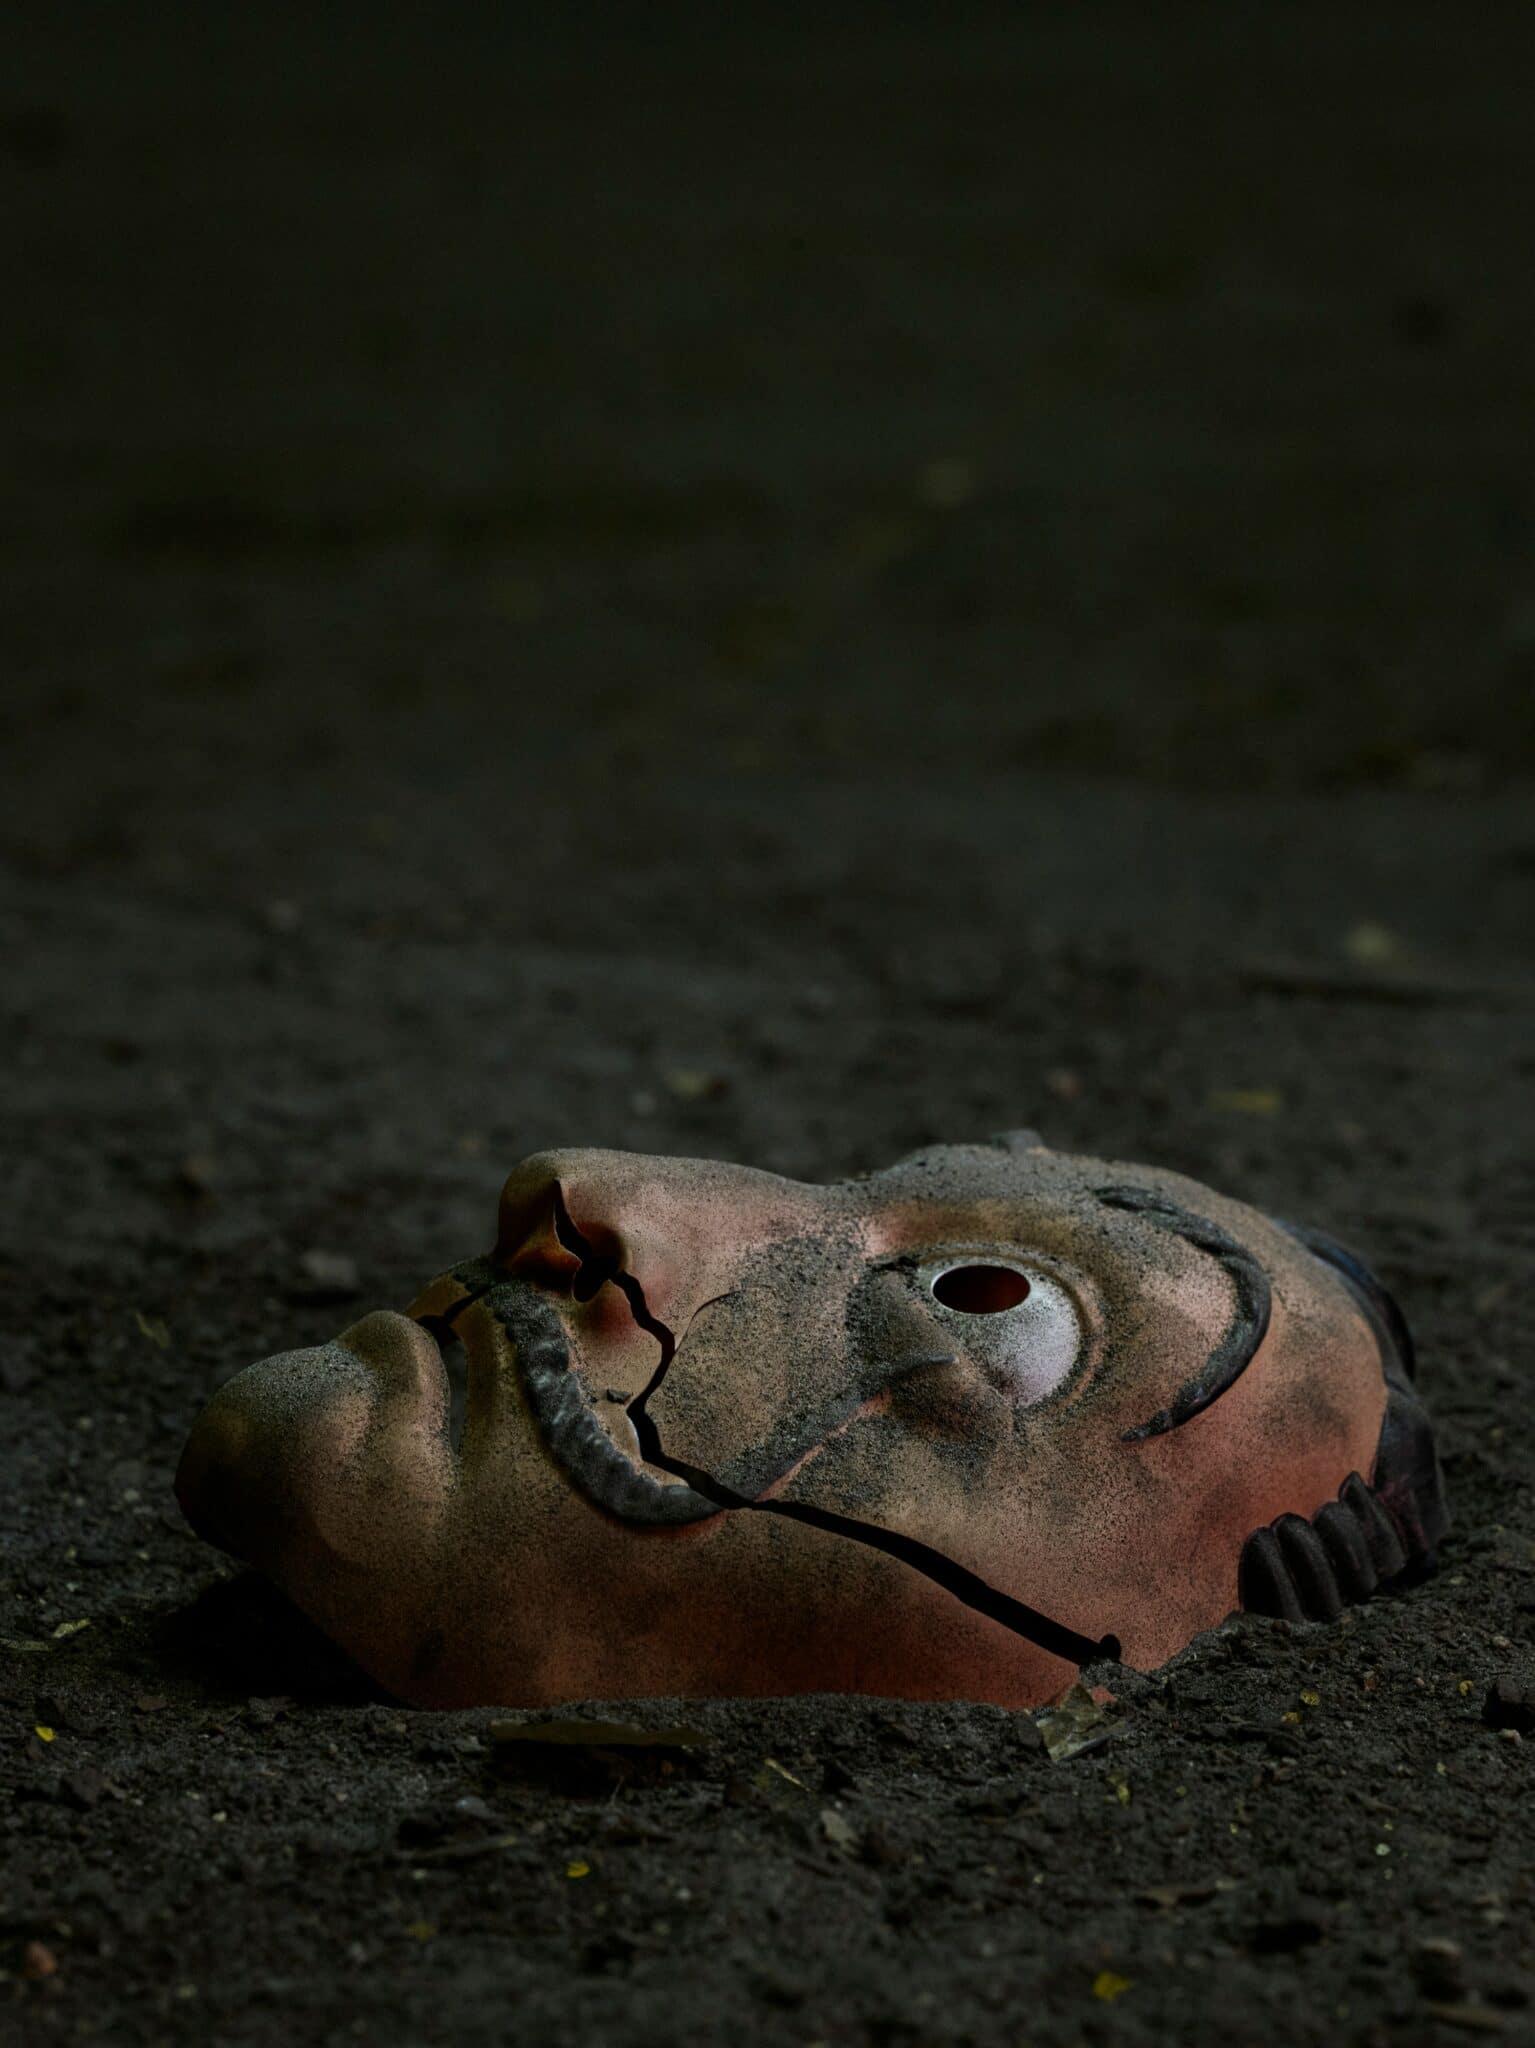 Eine Dali-Maske liegt verschmutzt auf dem staubigen Boden.